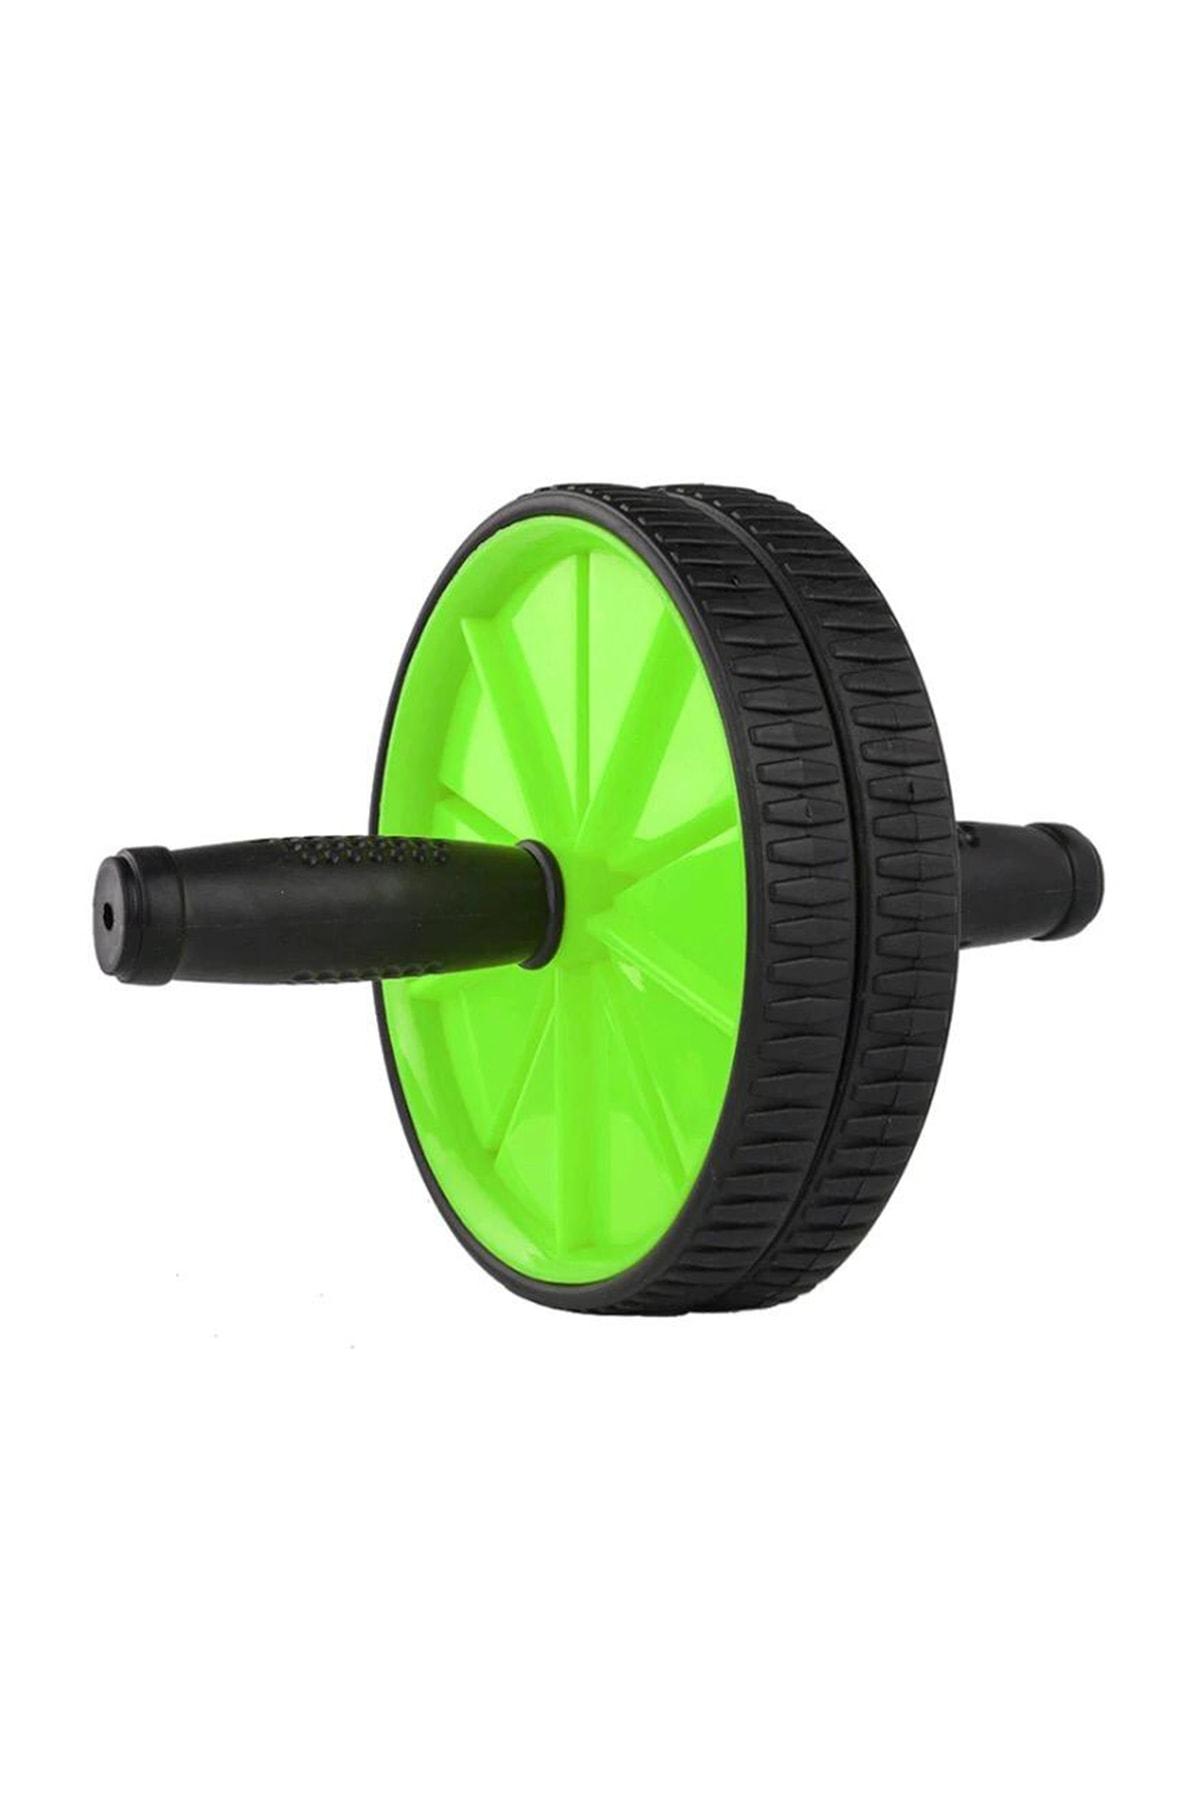 Leyaton Fitness Karın Kası Sixpack Egzersiz Tekeri Spor Aleti Yeşil 0